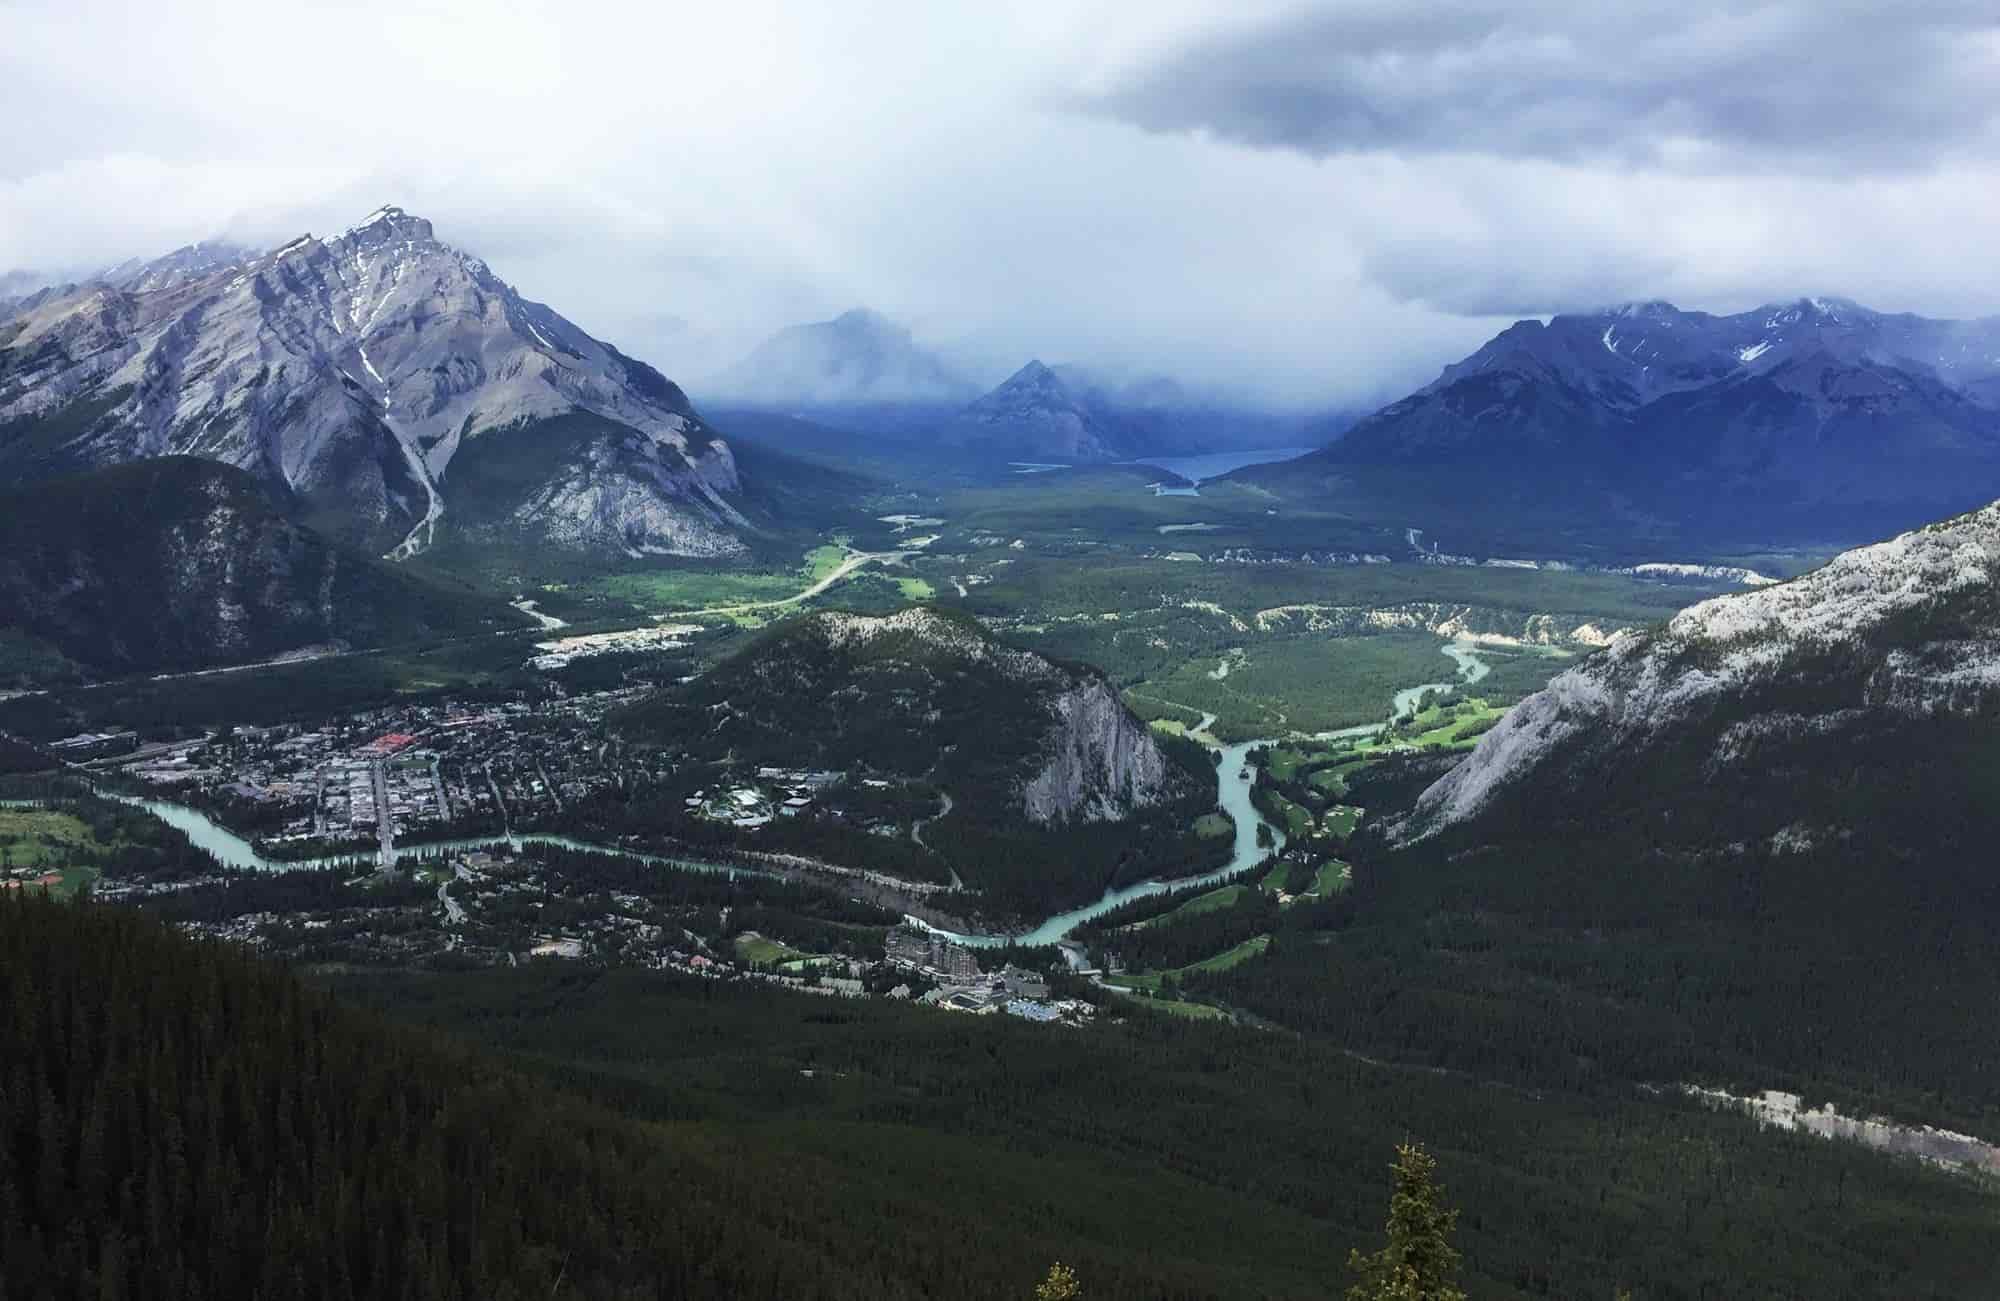 Voyage au Canada - Mont Sulphur à Banff - Amplitudes